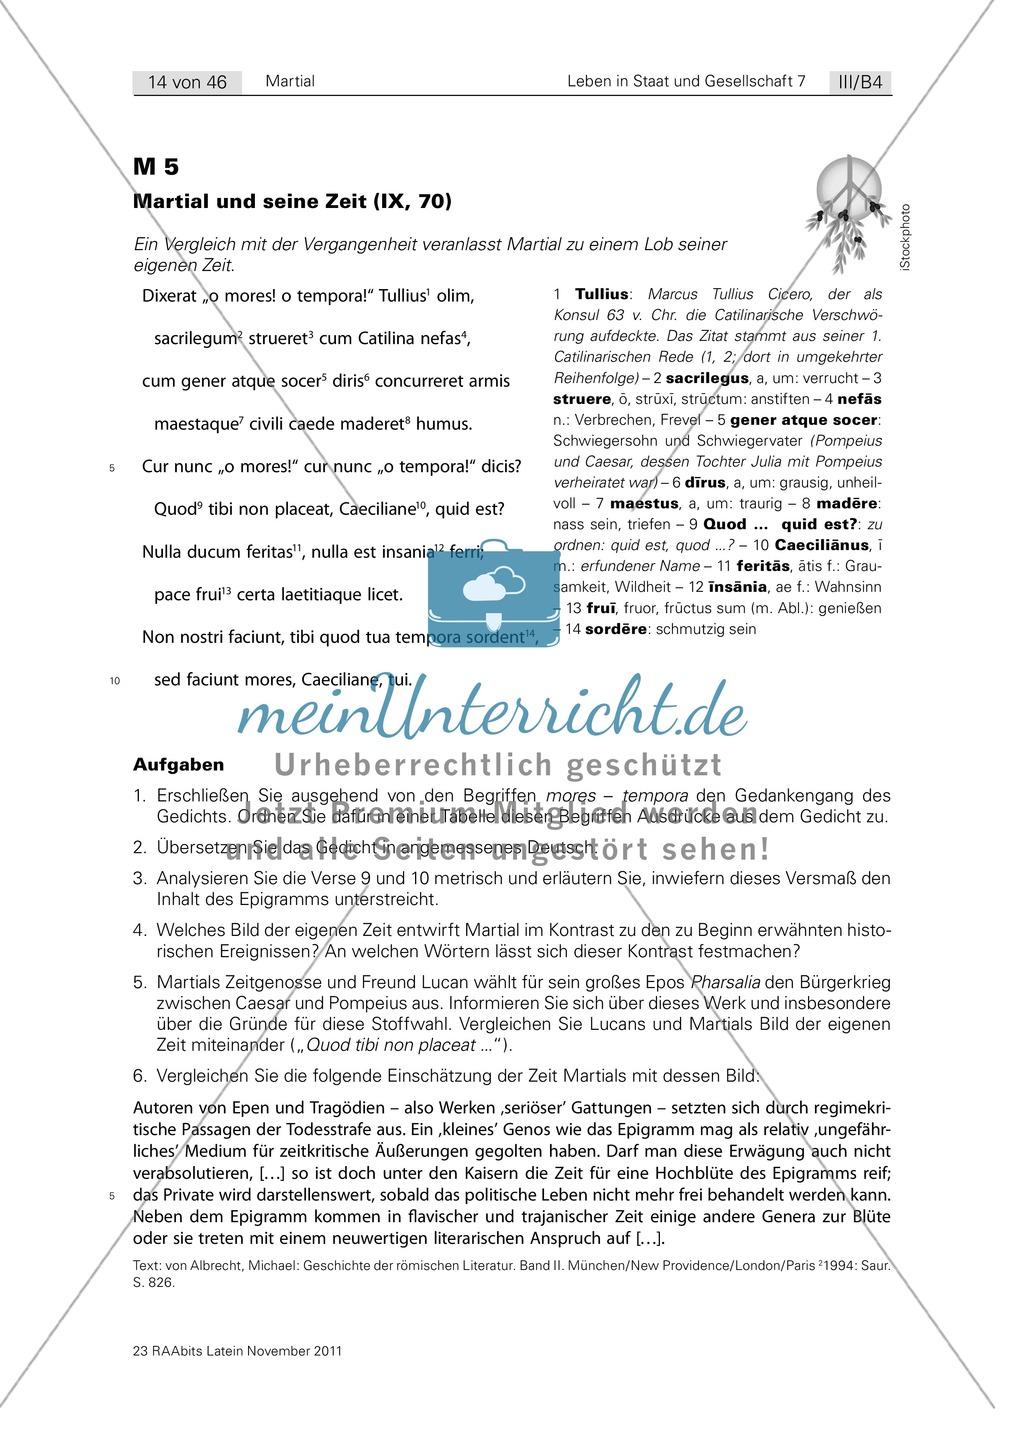 Martial: Ein Dichter und seine Zeit. Mit Wortschatzübung, Biographie sowie Analyse einiger Epigramme mit biographischem Bezug. Enthält didaktische Anmerkungen und Erwartungshorizont.. Preview 5